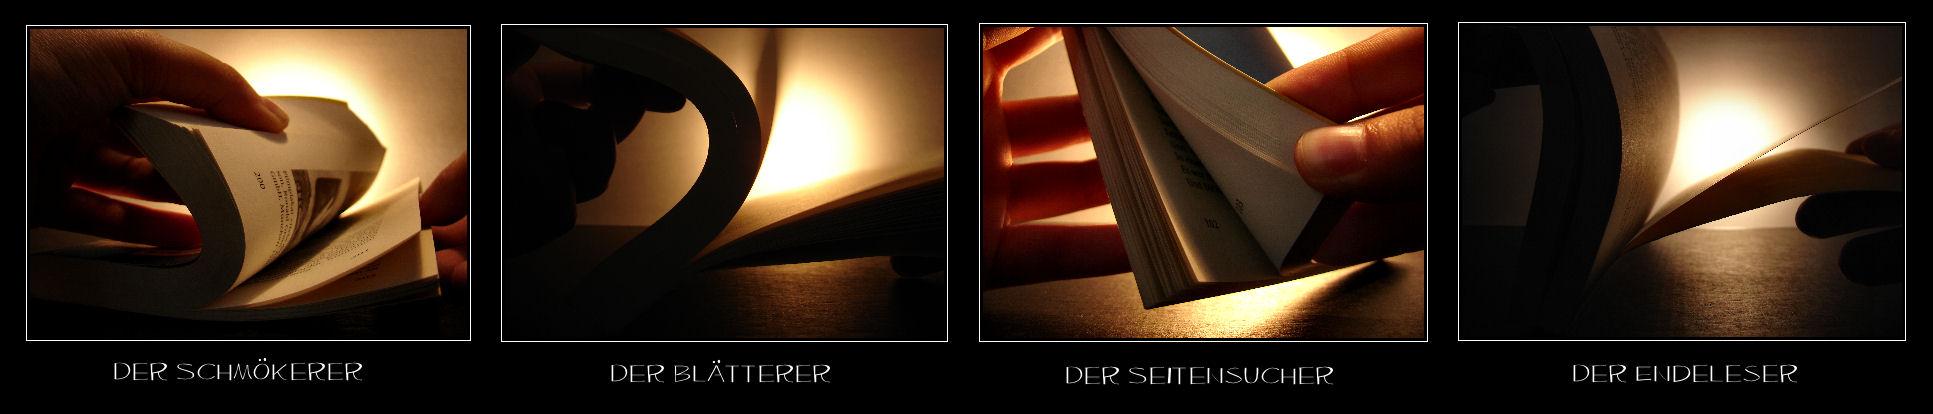 Welcher Lesetyp bist du?